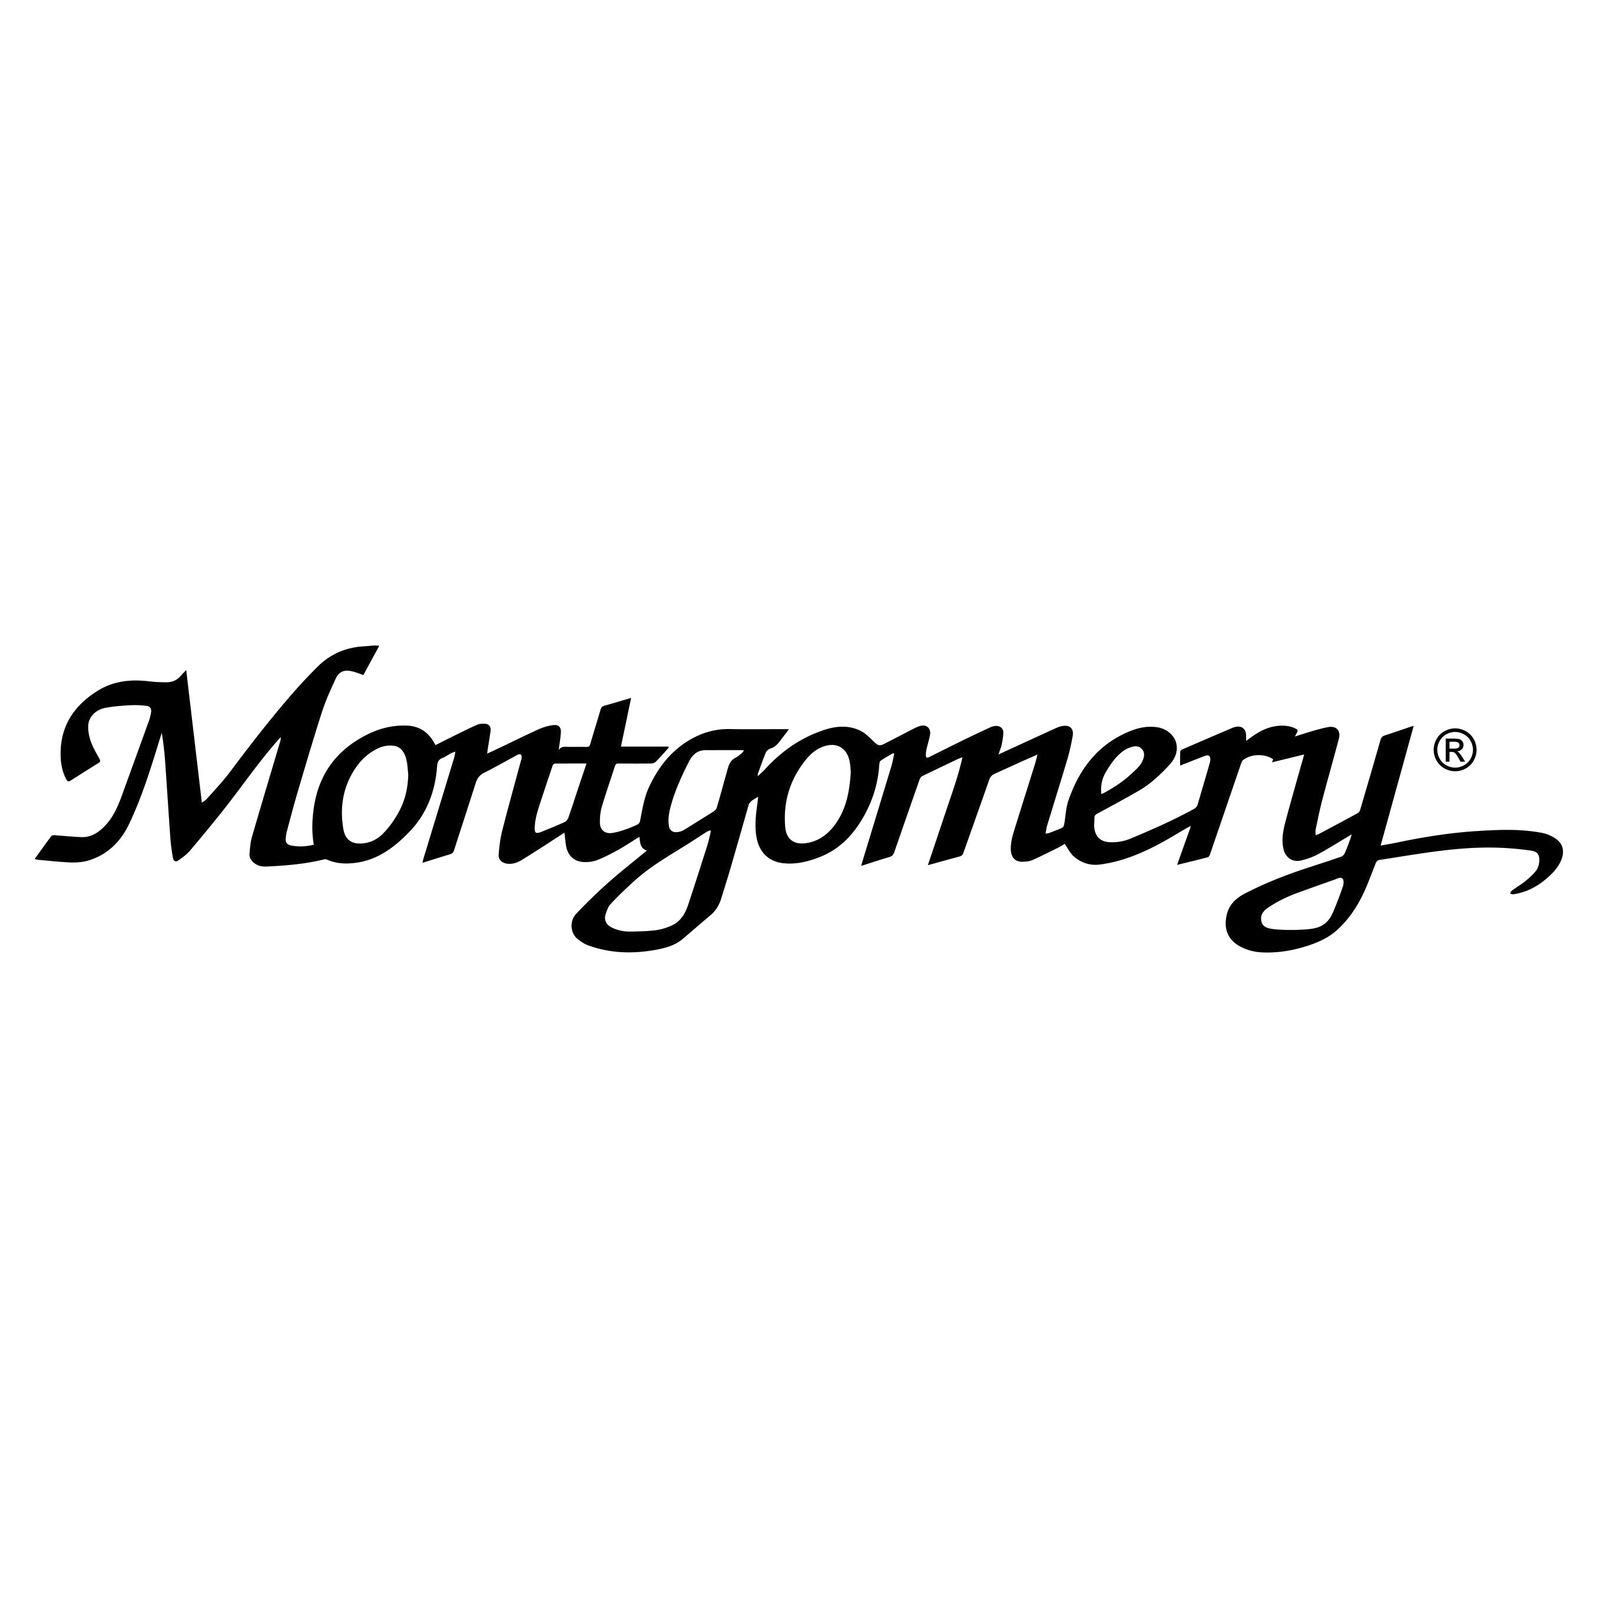 Montgomery®